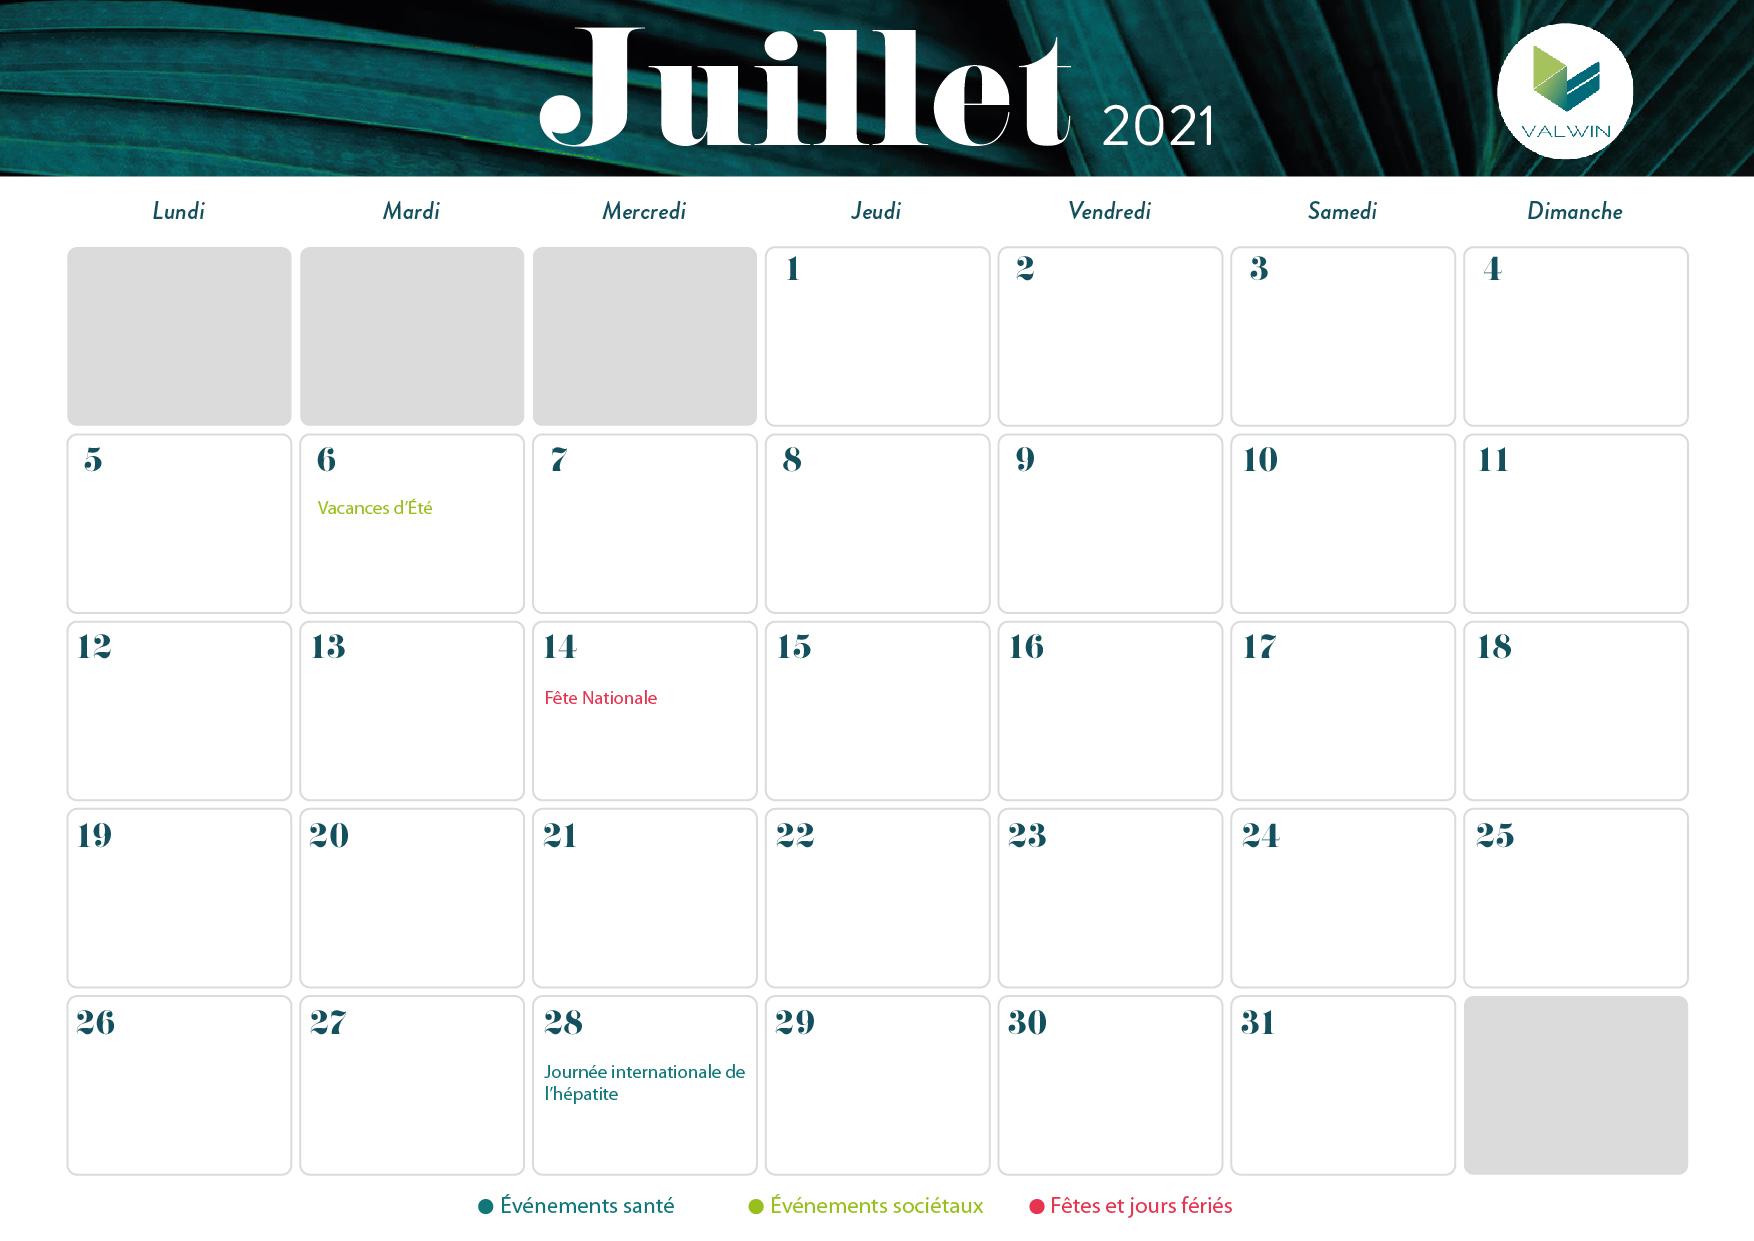 Juillet-calendrier-journee-mondiale-sante-2021.jpg